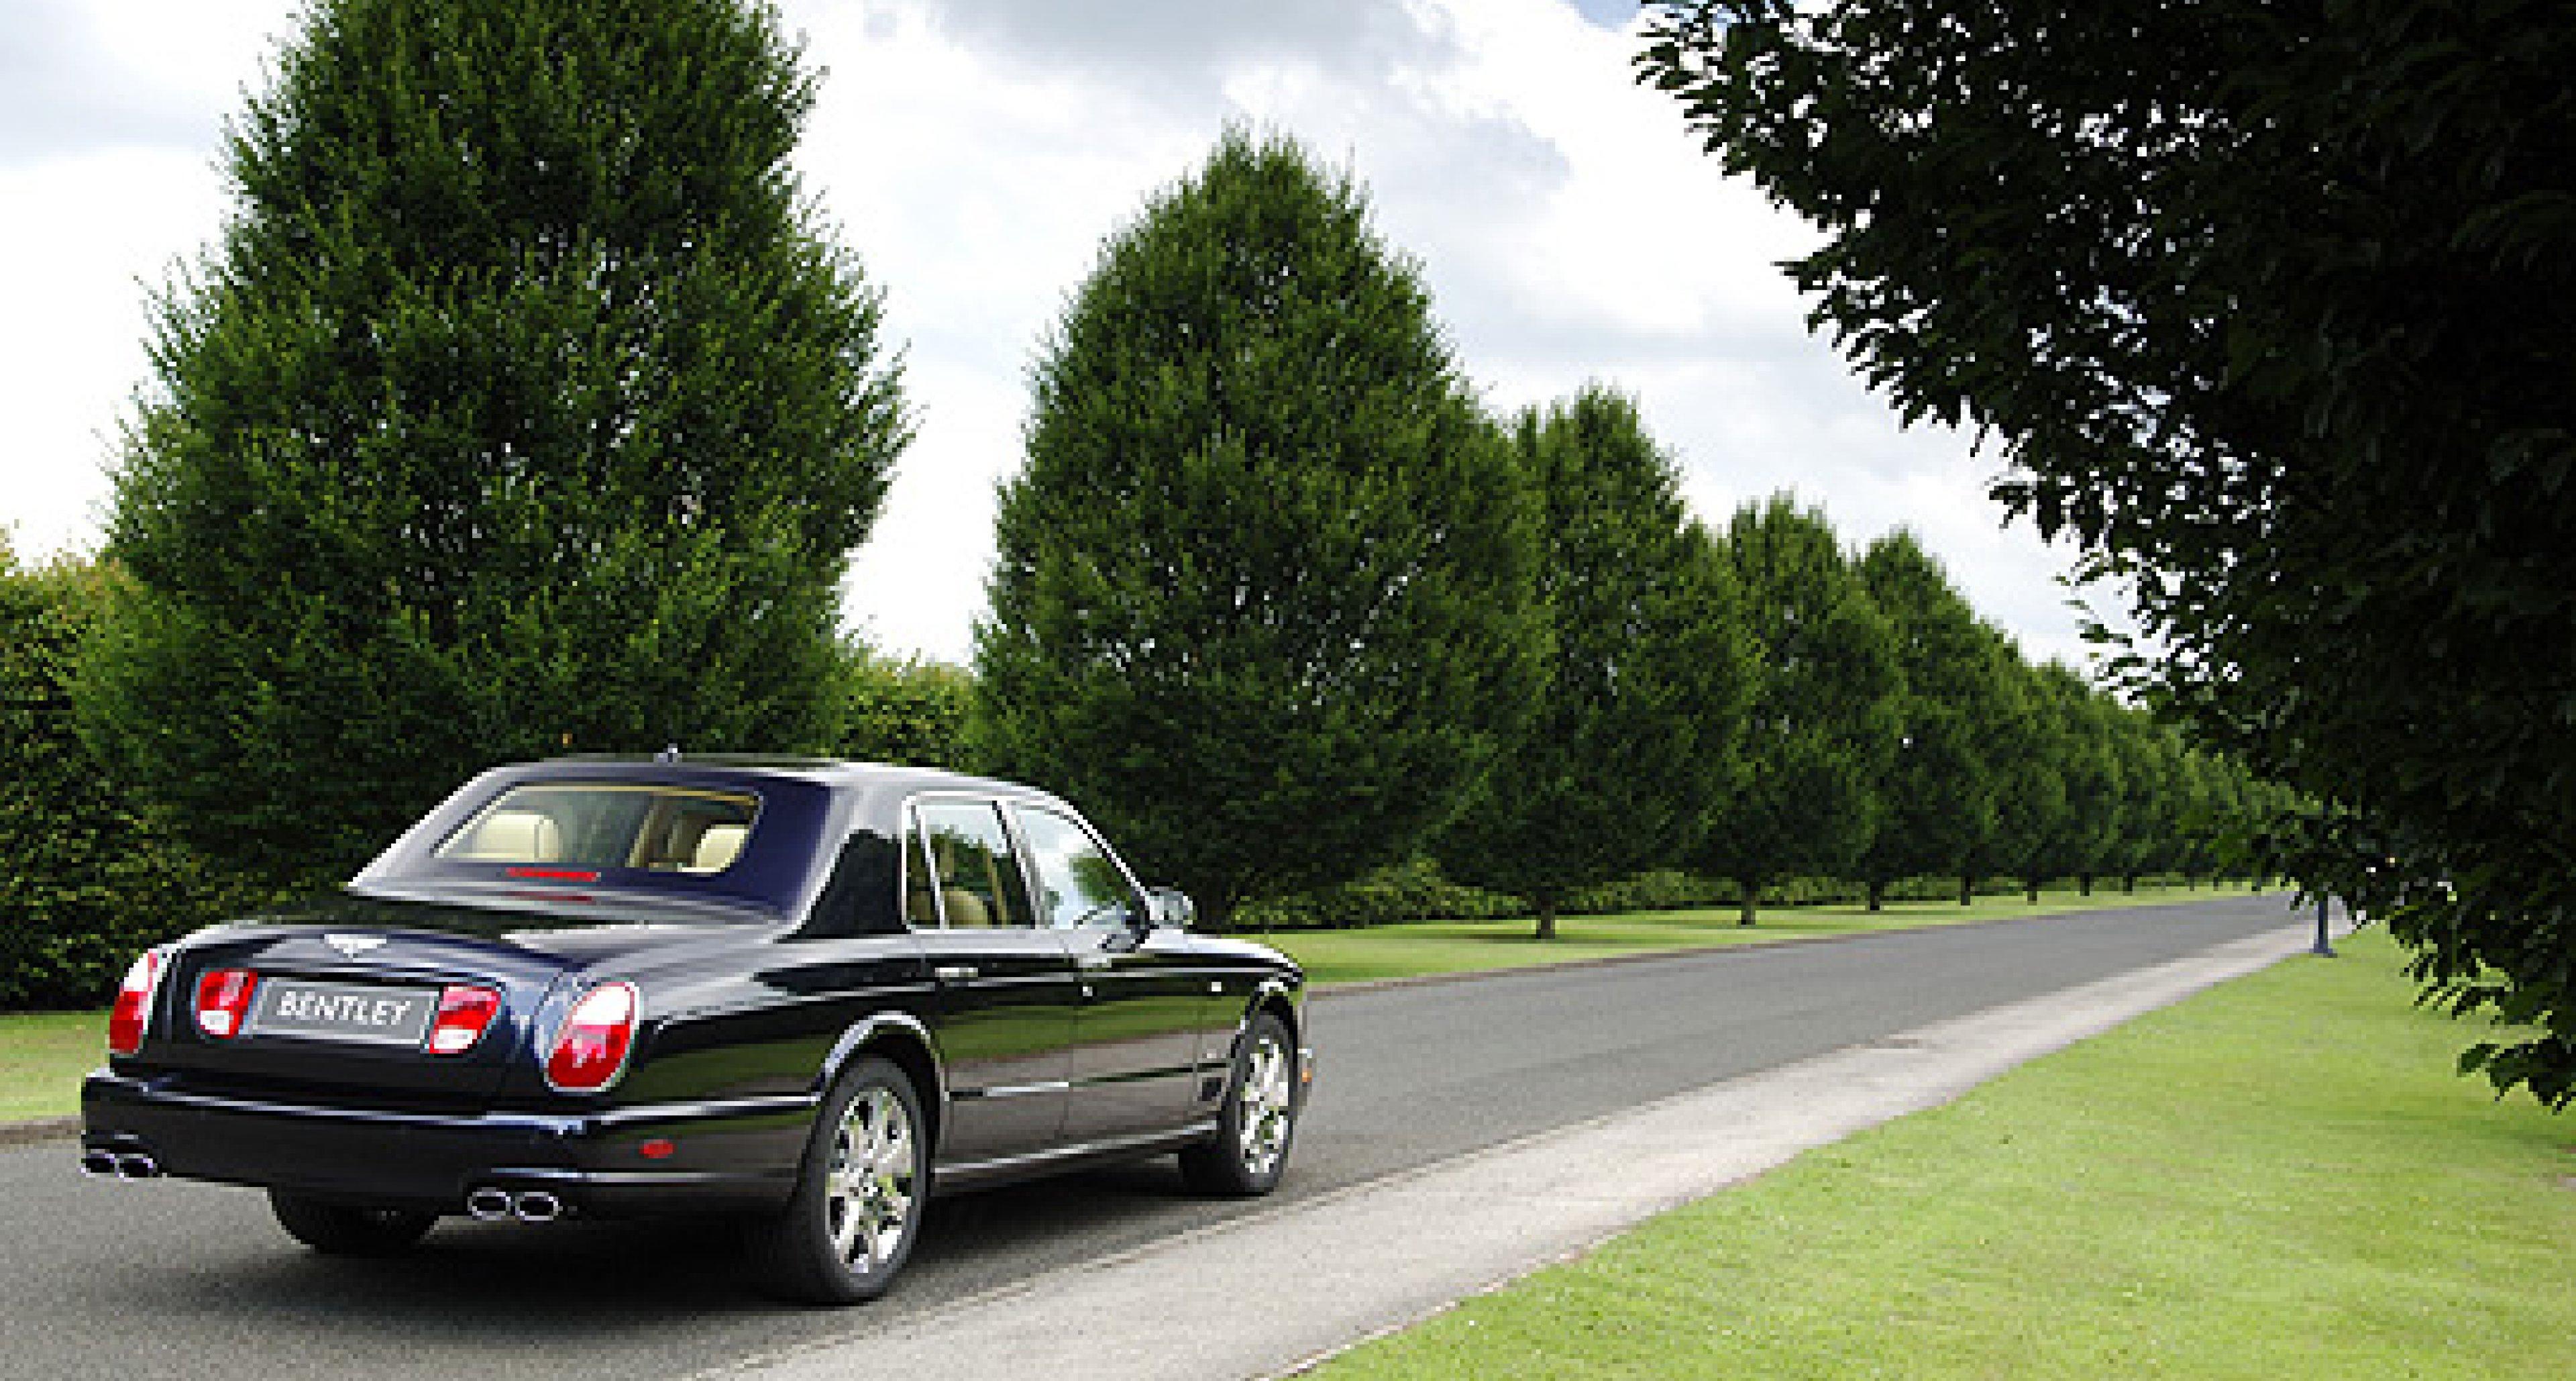 Bentley Arnage Blue Train: Sondermodell